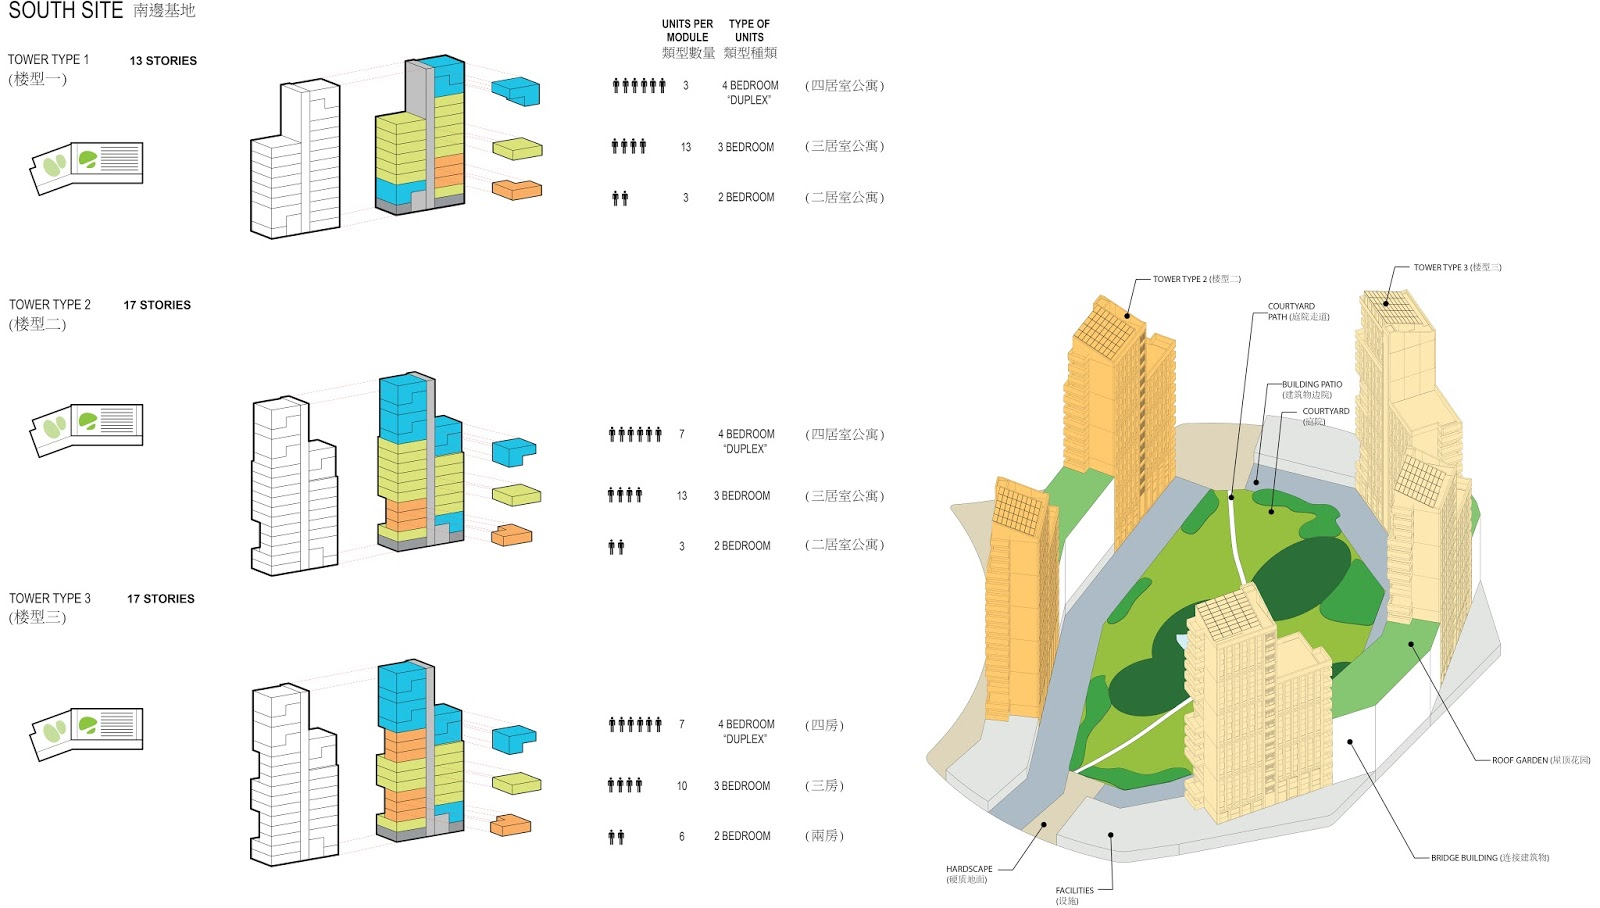 south site building program diagram [ 1600 x 908 Pixel ]